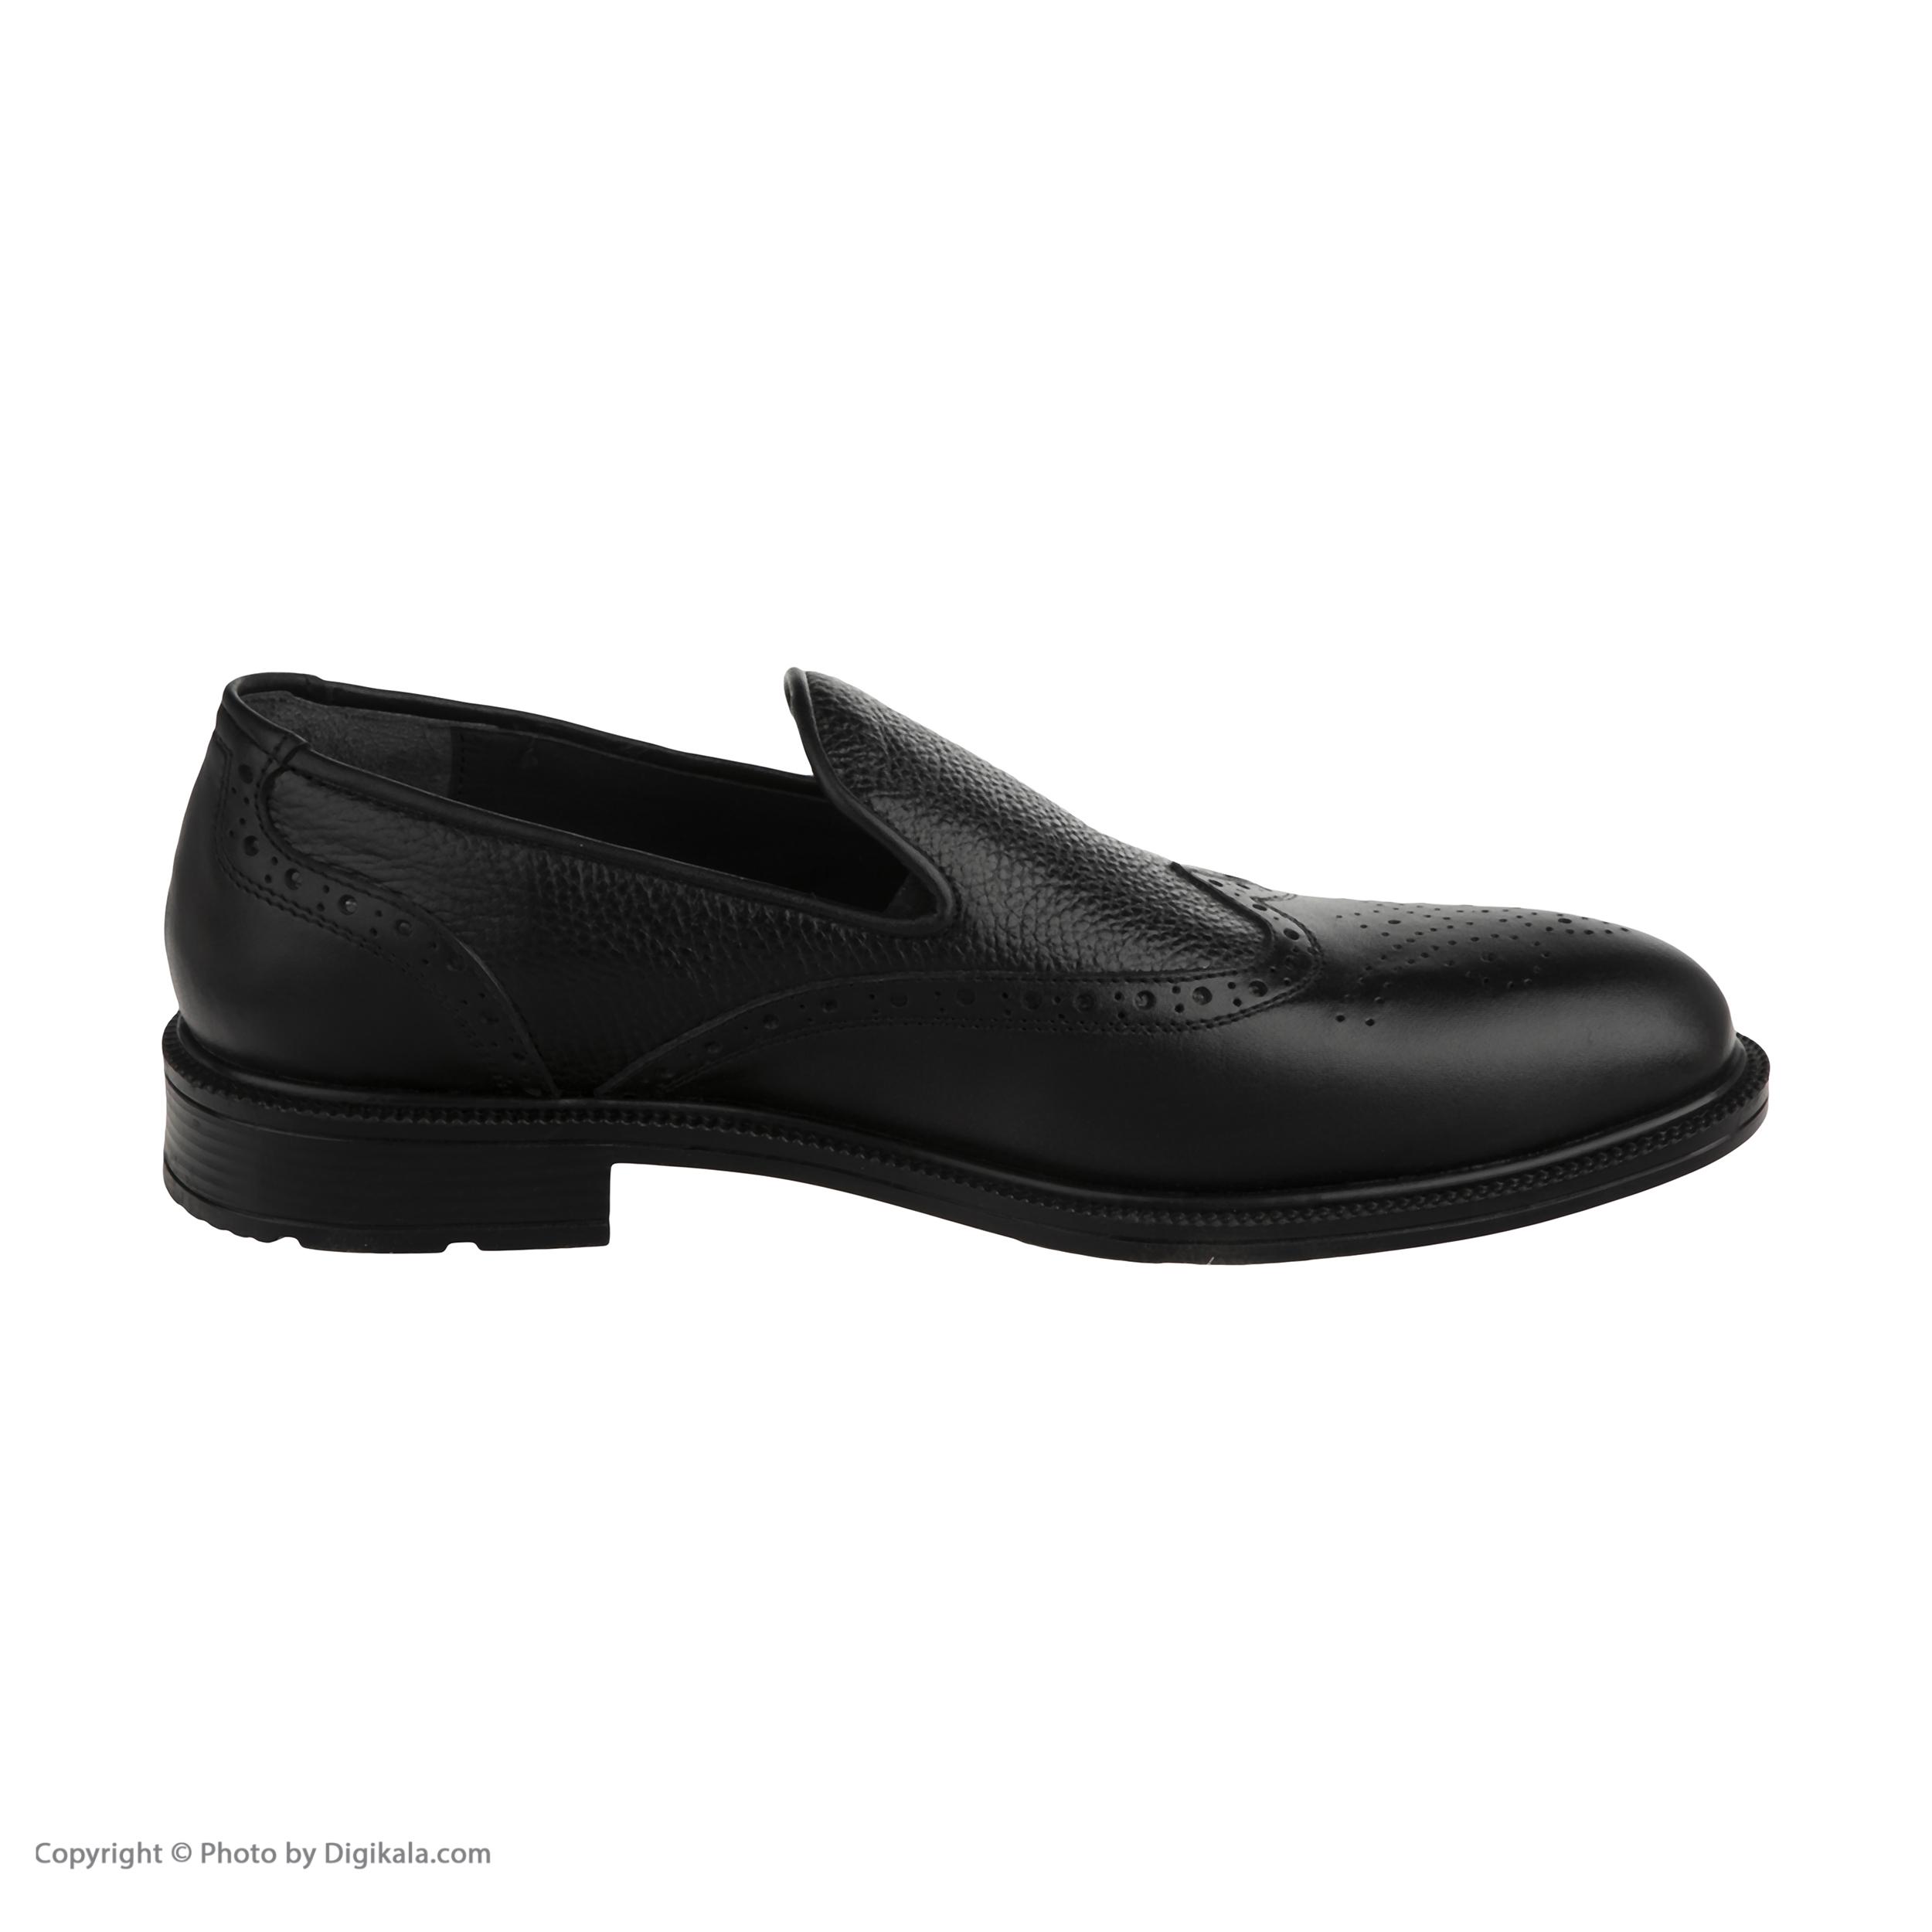 کفش مردانه بلوط مدل 7295A503101 -  - 7